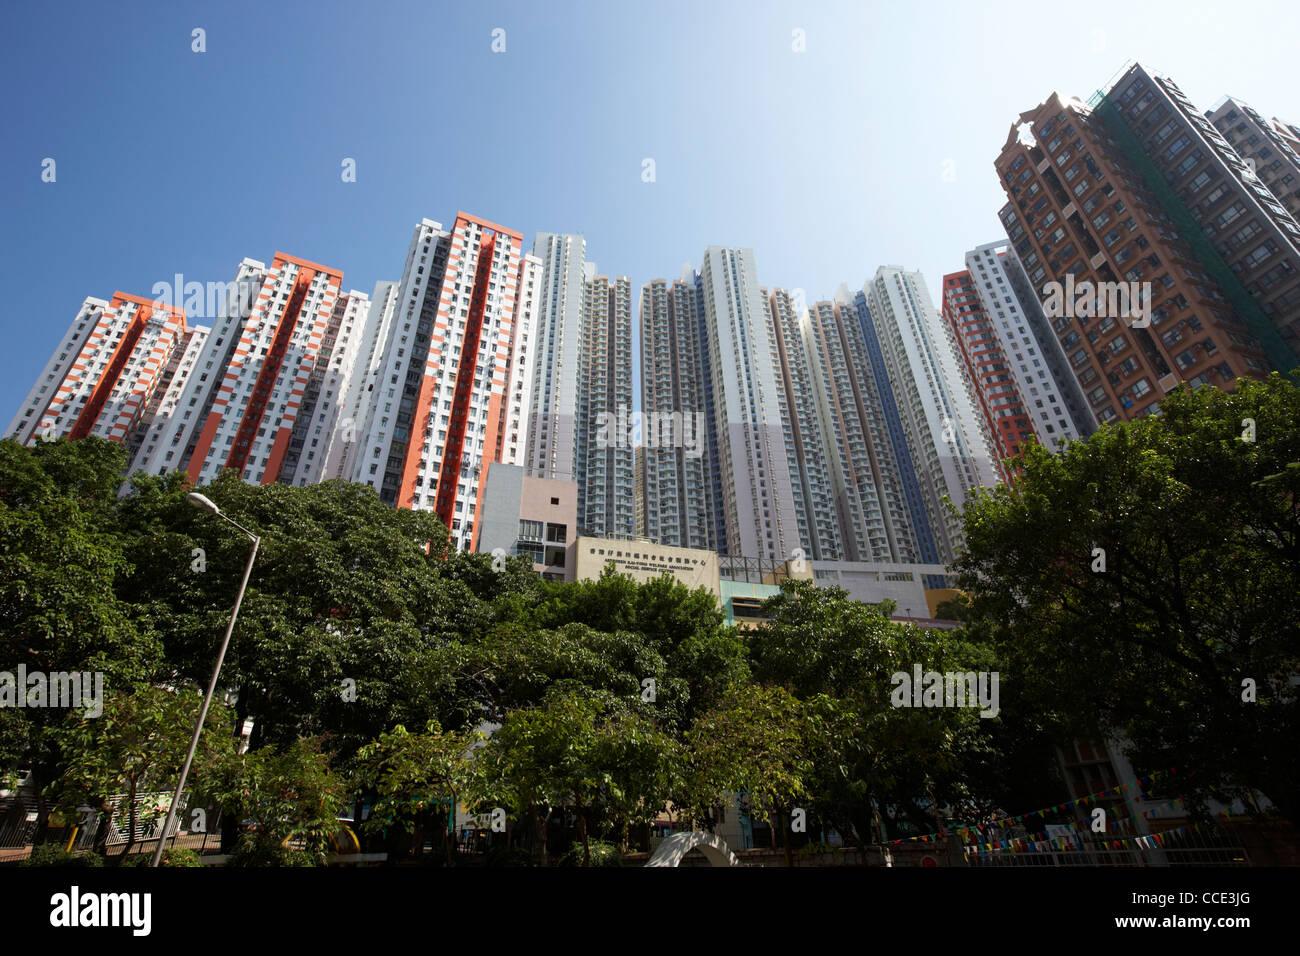 public housing blocks in aberdeen hong kong hksar china asia - Stock Image